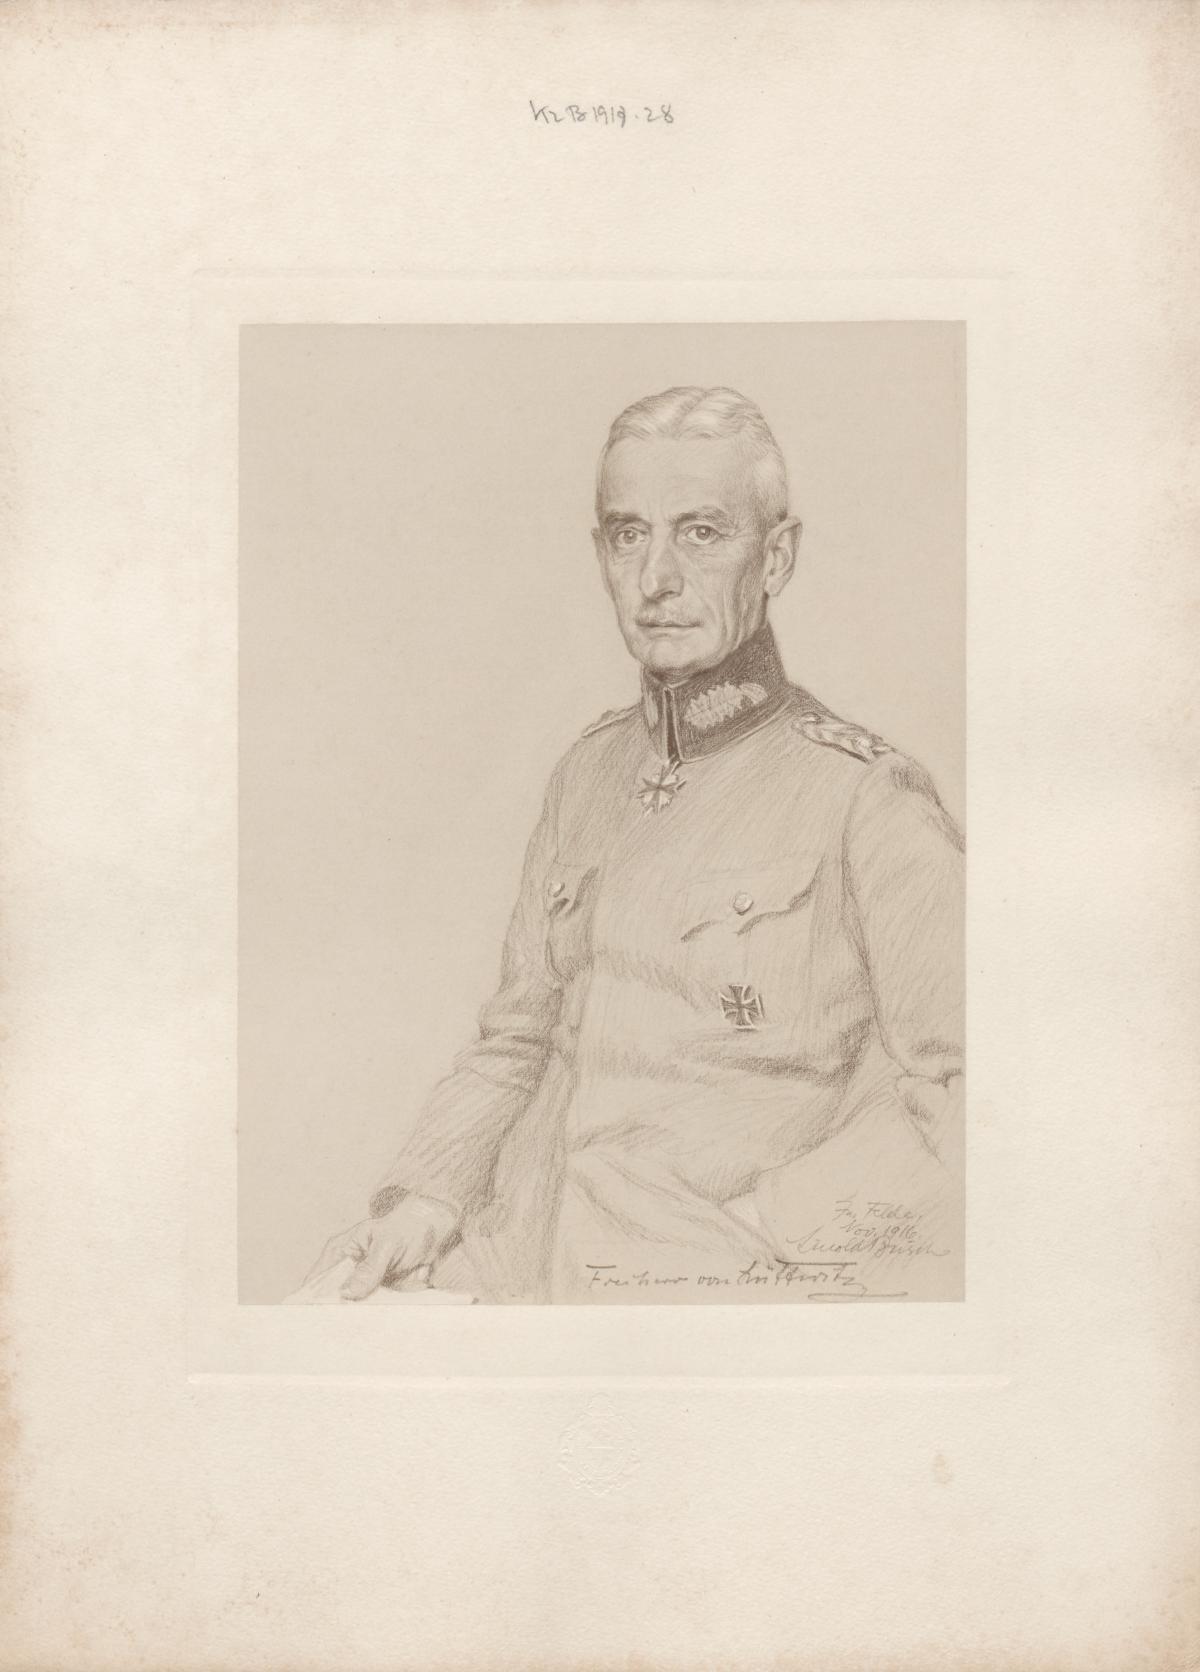 [Bildnis] Freiherr von Lüttwitz